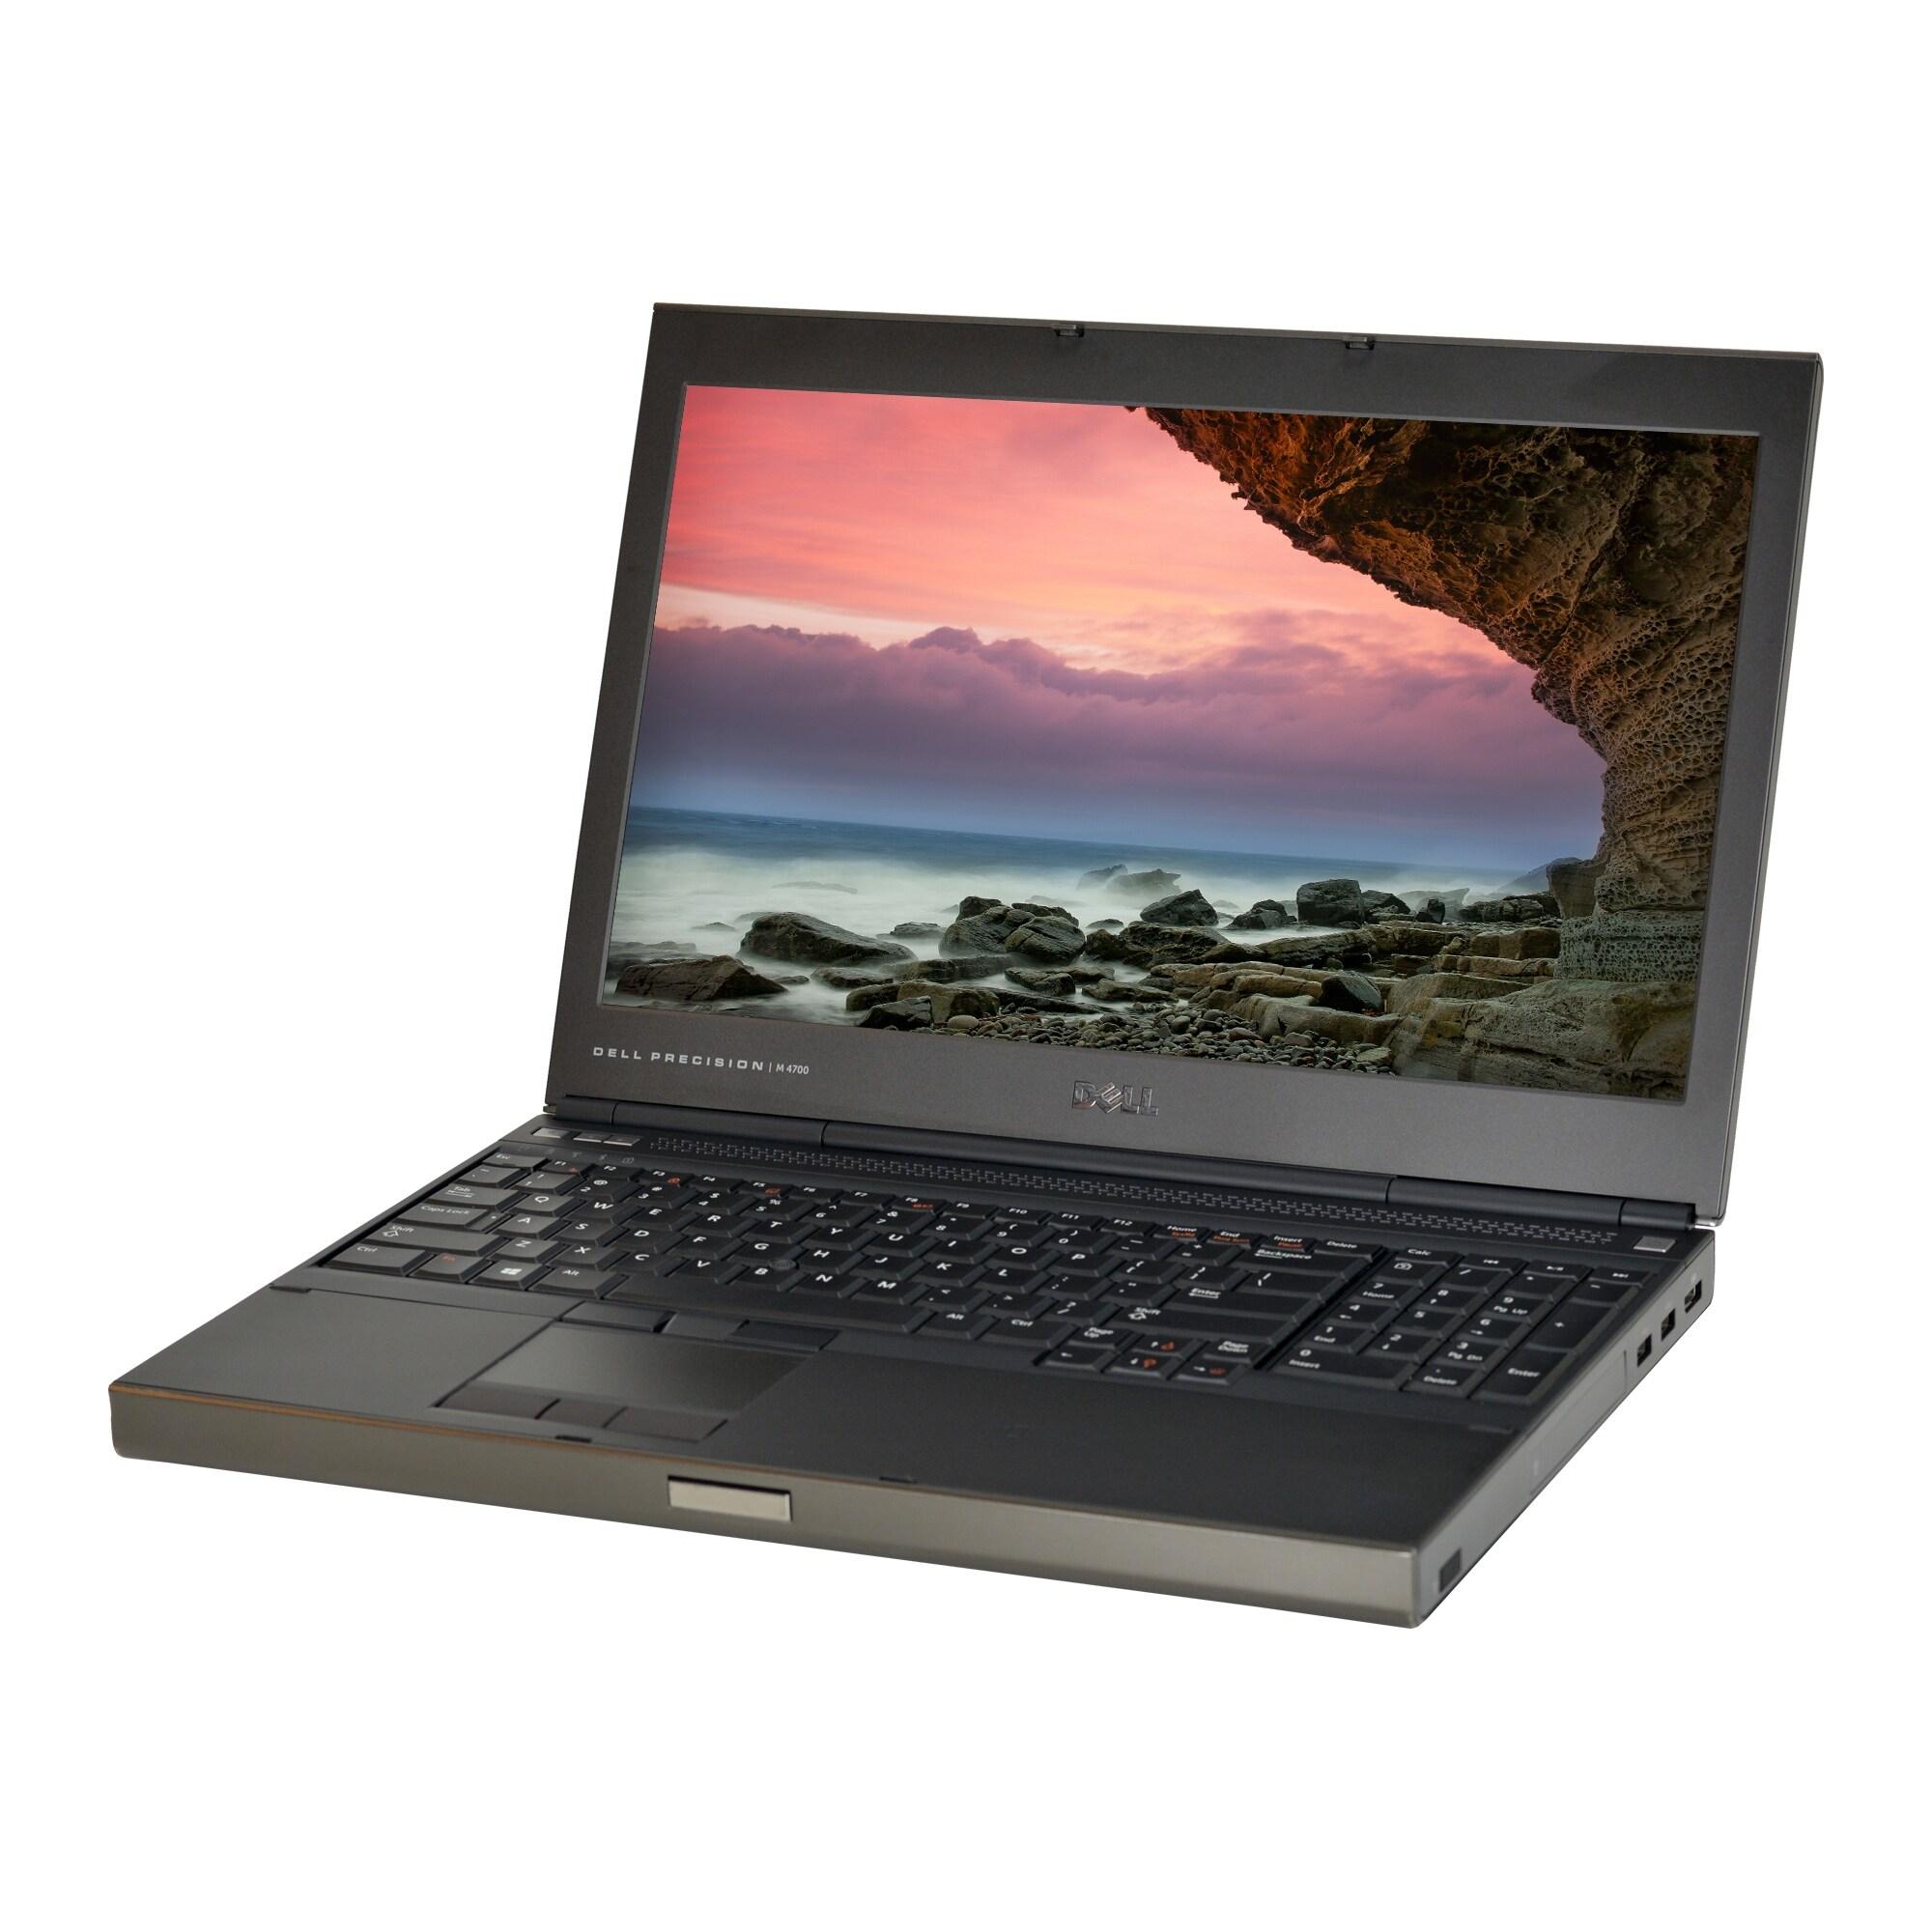 Dell Precision M4700 Core i7-3840QM 2 8GHz 16GB RAM 500GB SSD DVD-RW Win 10  Pro 15 6